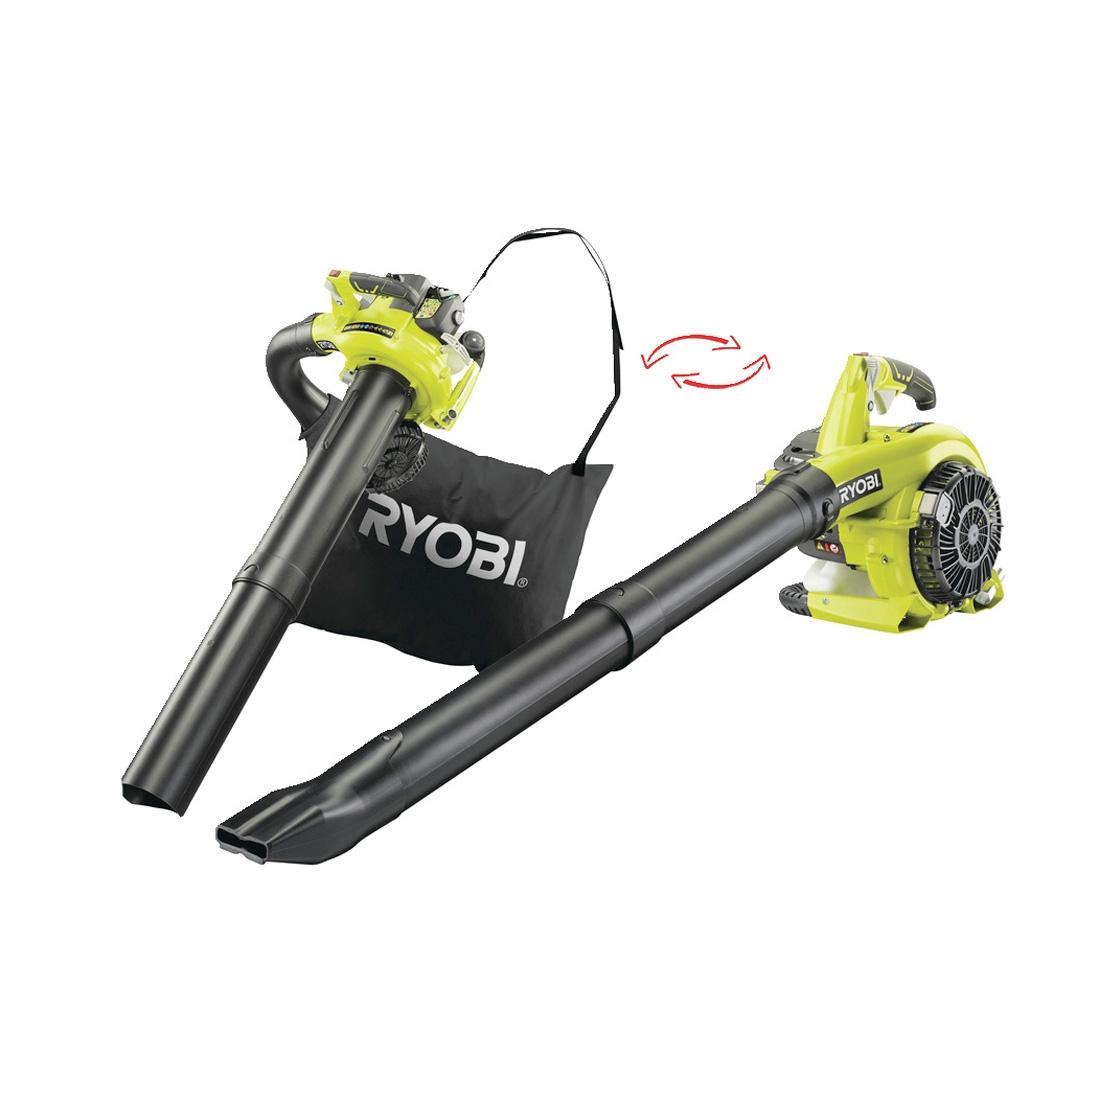 Ryobi RBV26B Blower vacuum blower